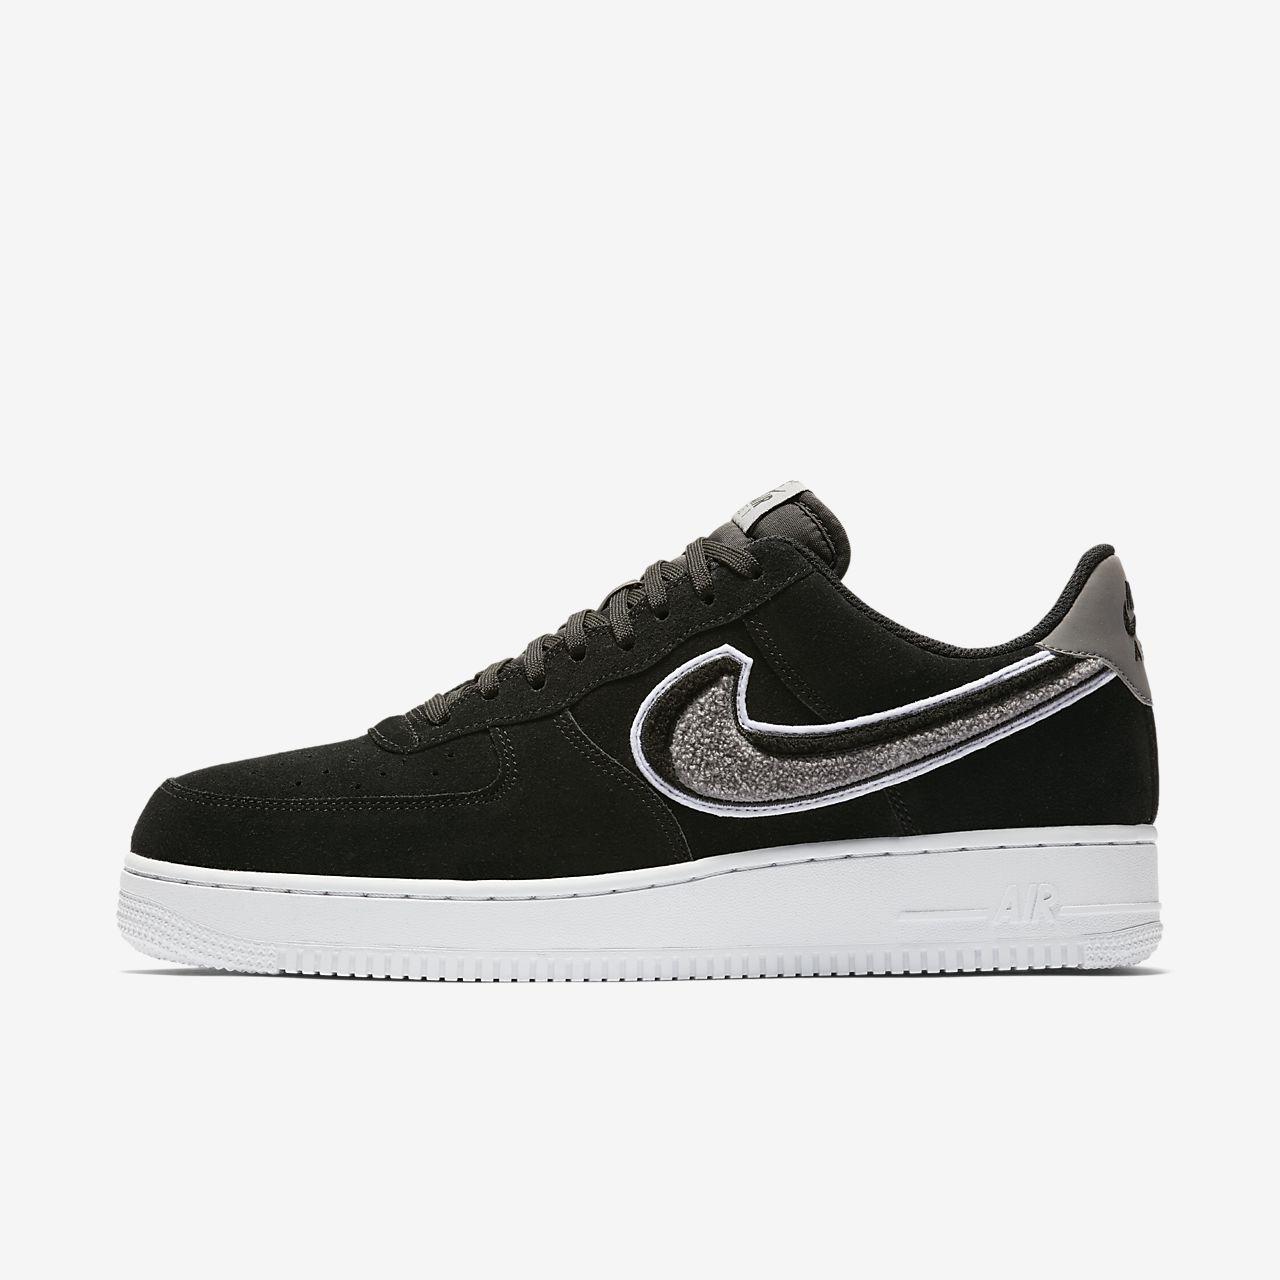 Nike Air Force 1 Low 07 LV8 férficipő